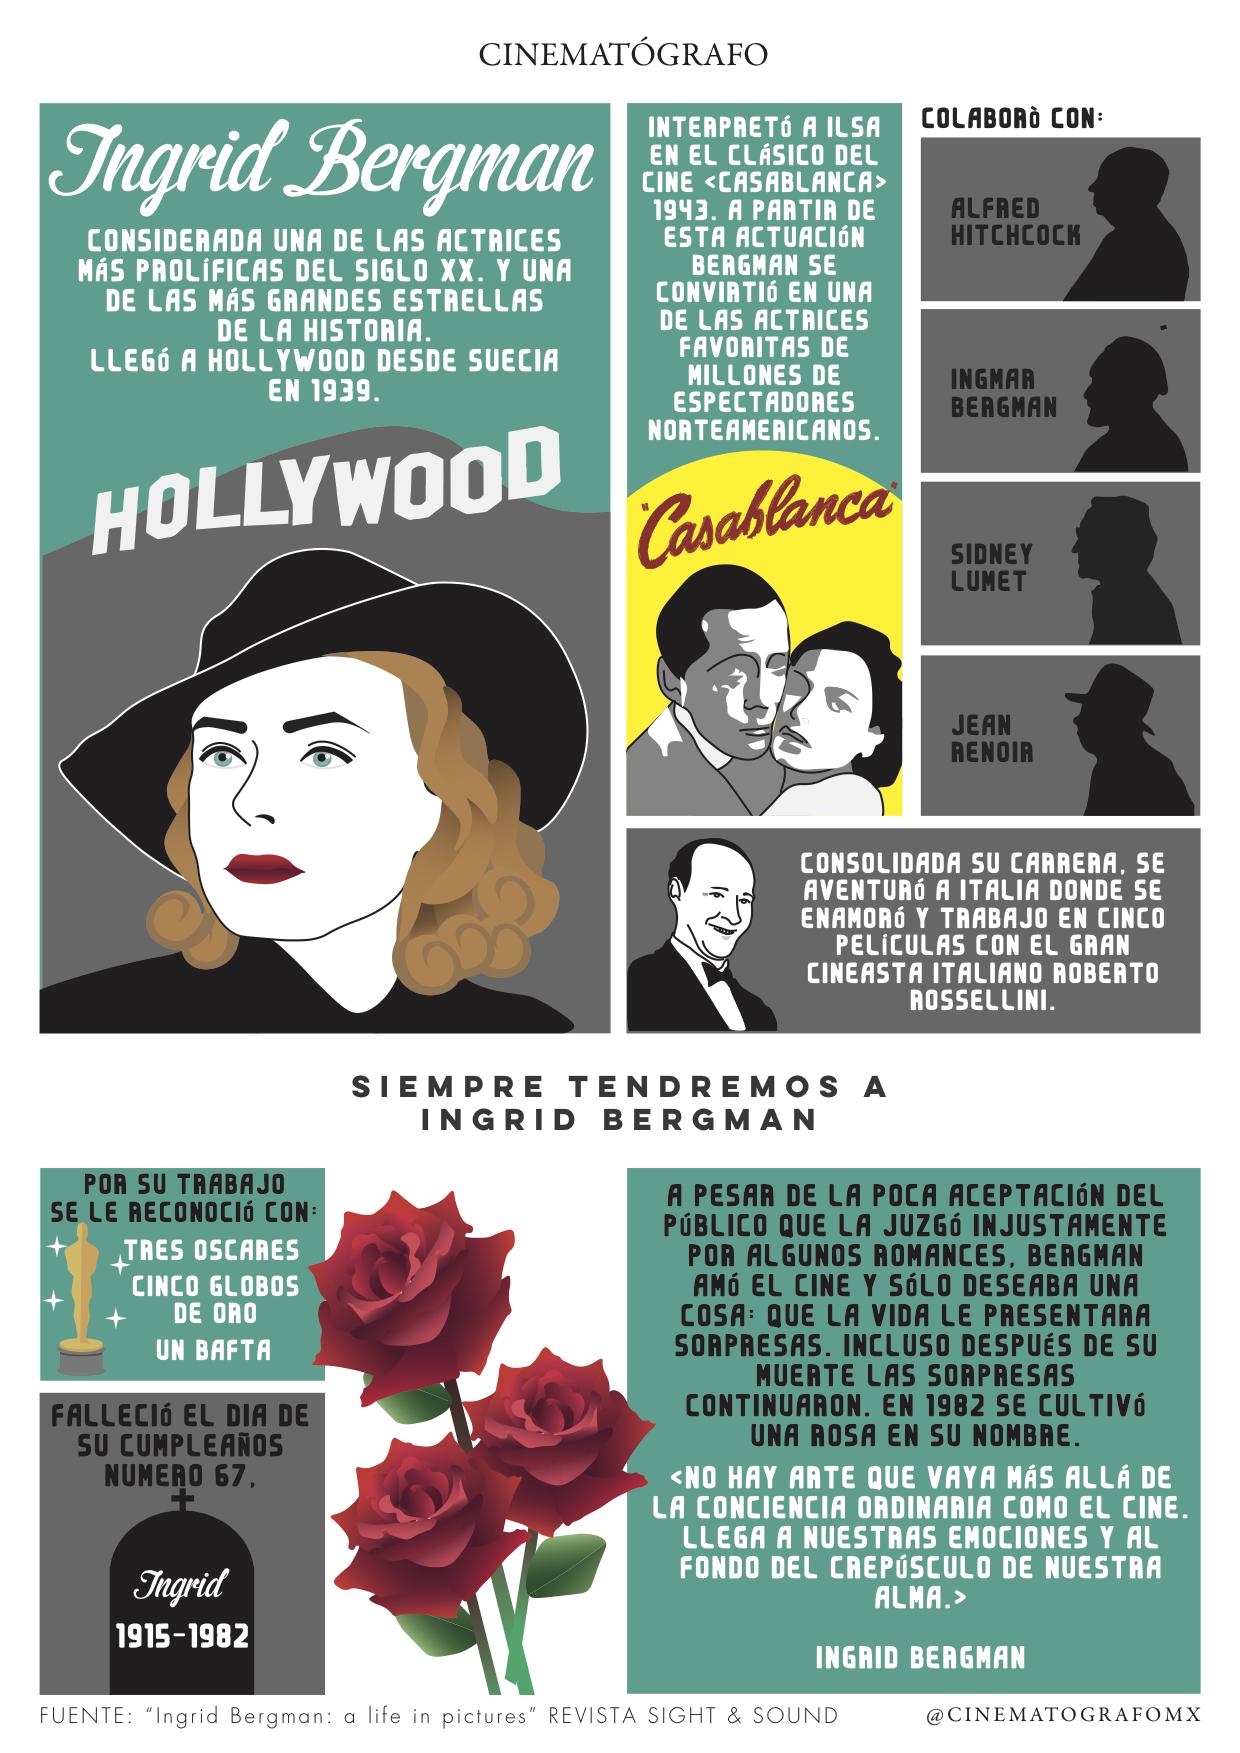 Siempre tendremos a Ingrid Bergman